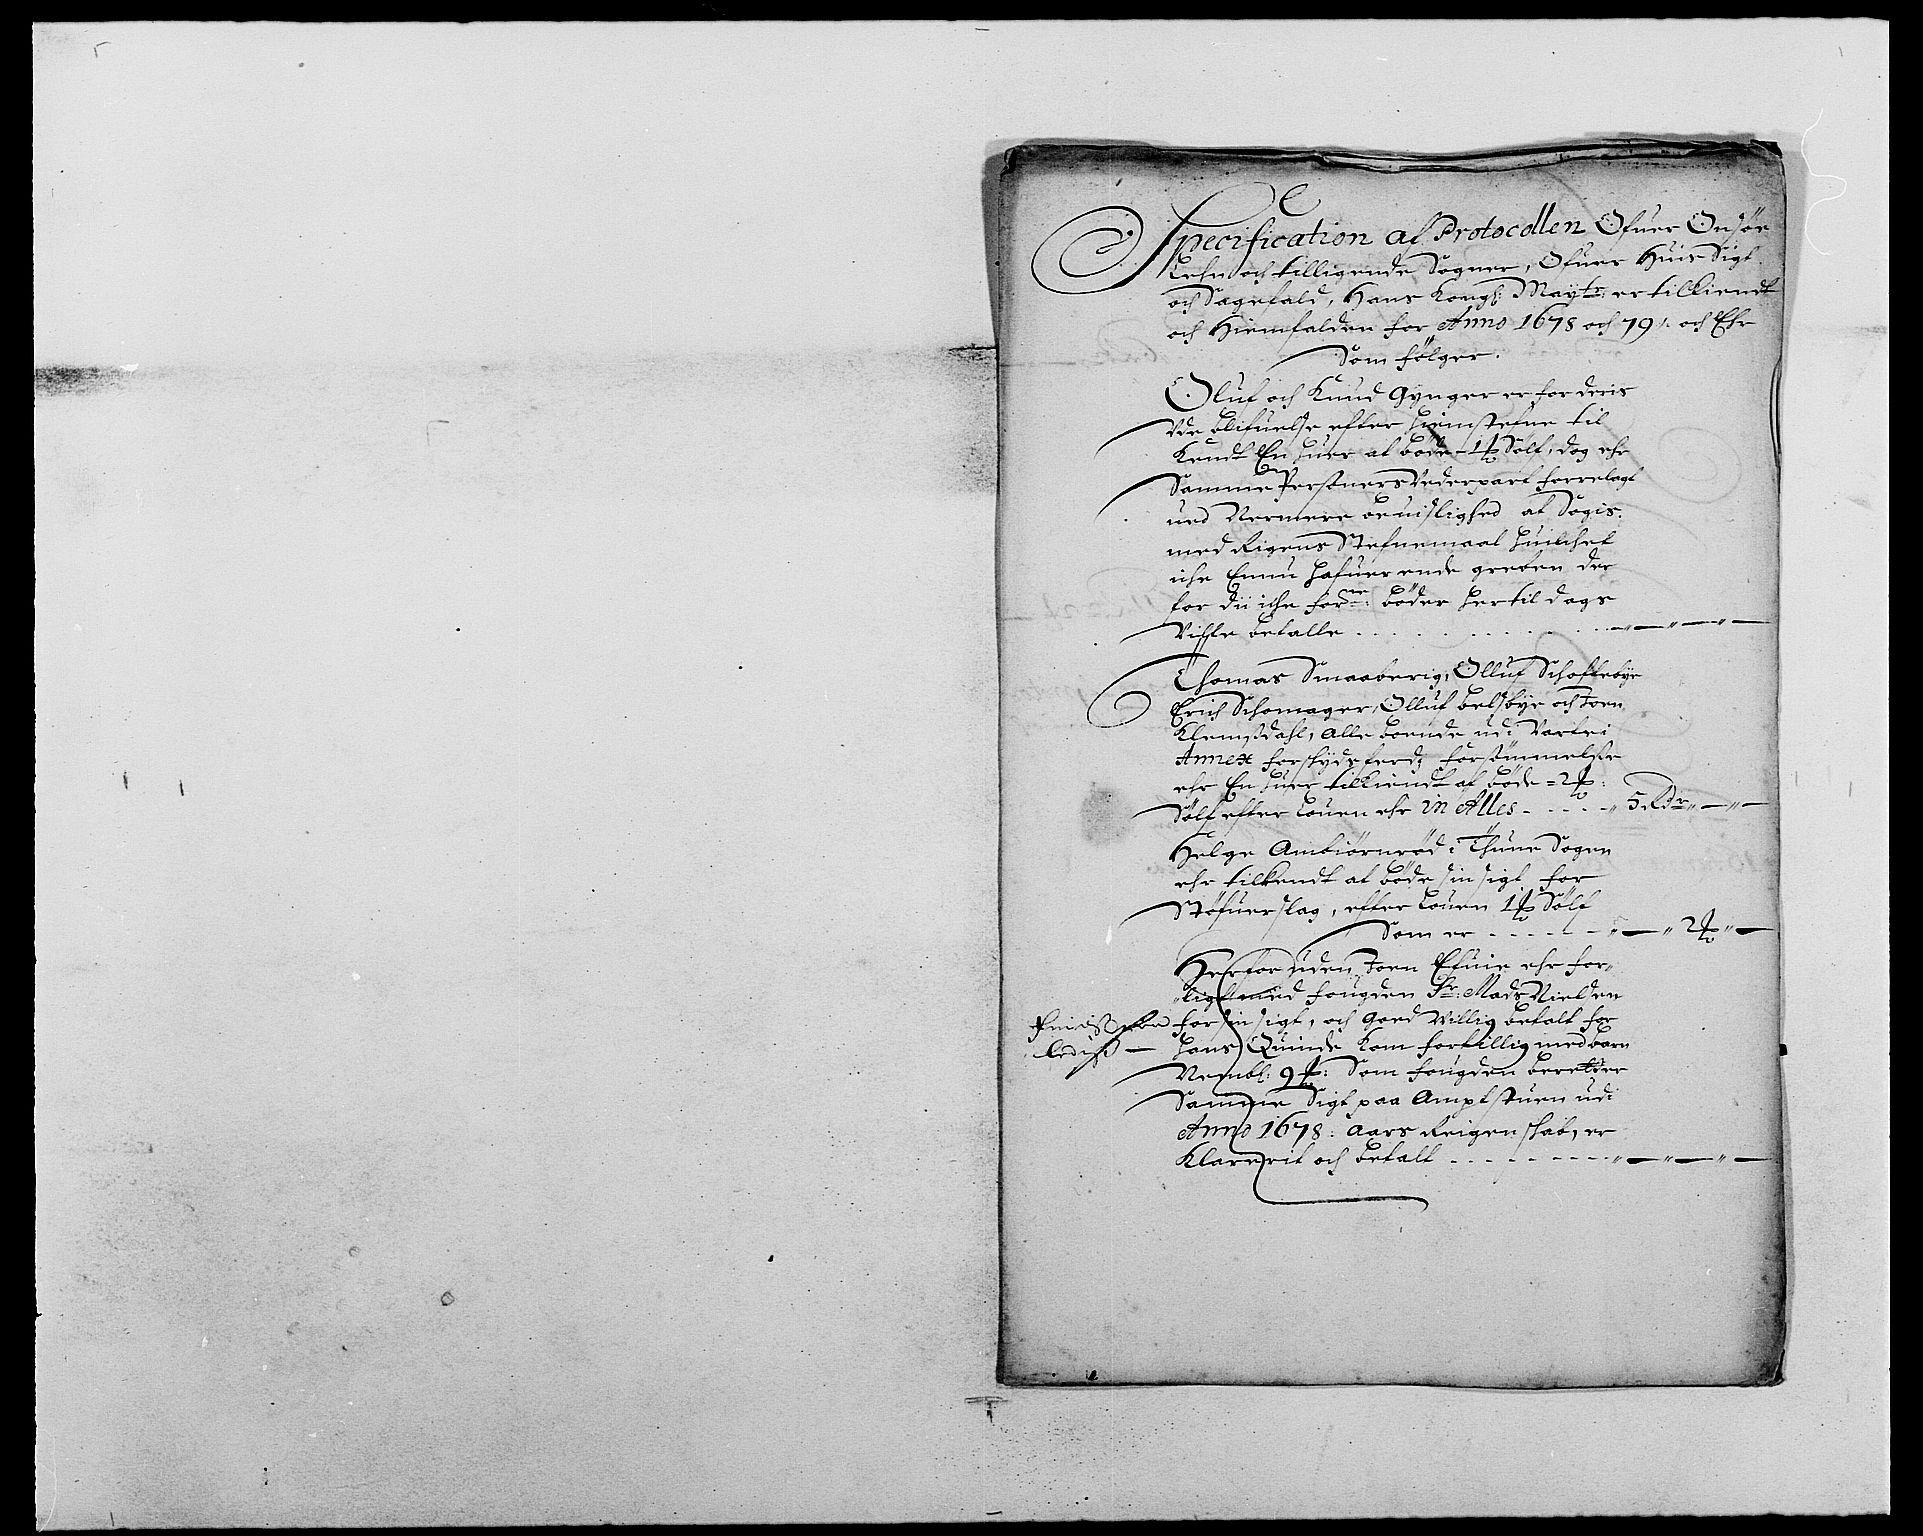 RA, Rentekammeret inntil 1814, Reviderte regnskaper, Fogderegnskap, R03/L0110: Fogderegnskap Onsøy, Tune, Veme og Åbygge fogderi, 1678-1679, s. 62